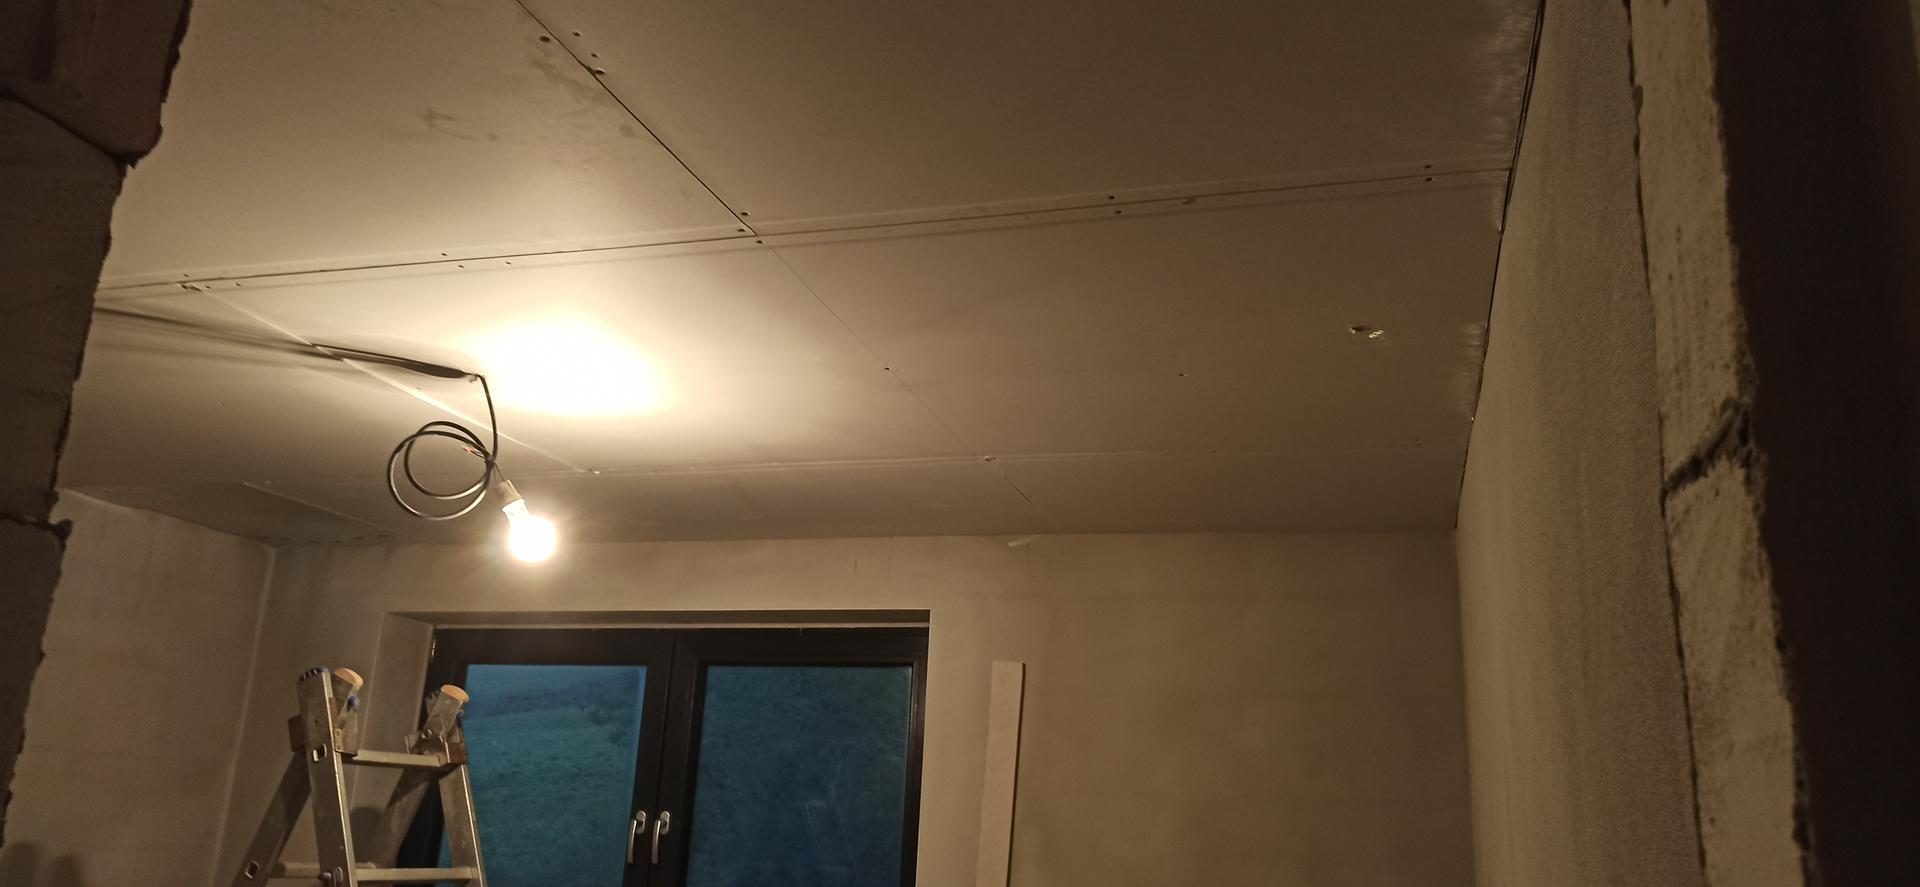 Náš domček ❤️🏡 - Sadrokartónove stropy hore na poschodí. 17.10.2020